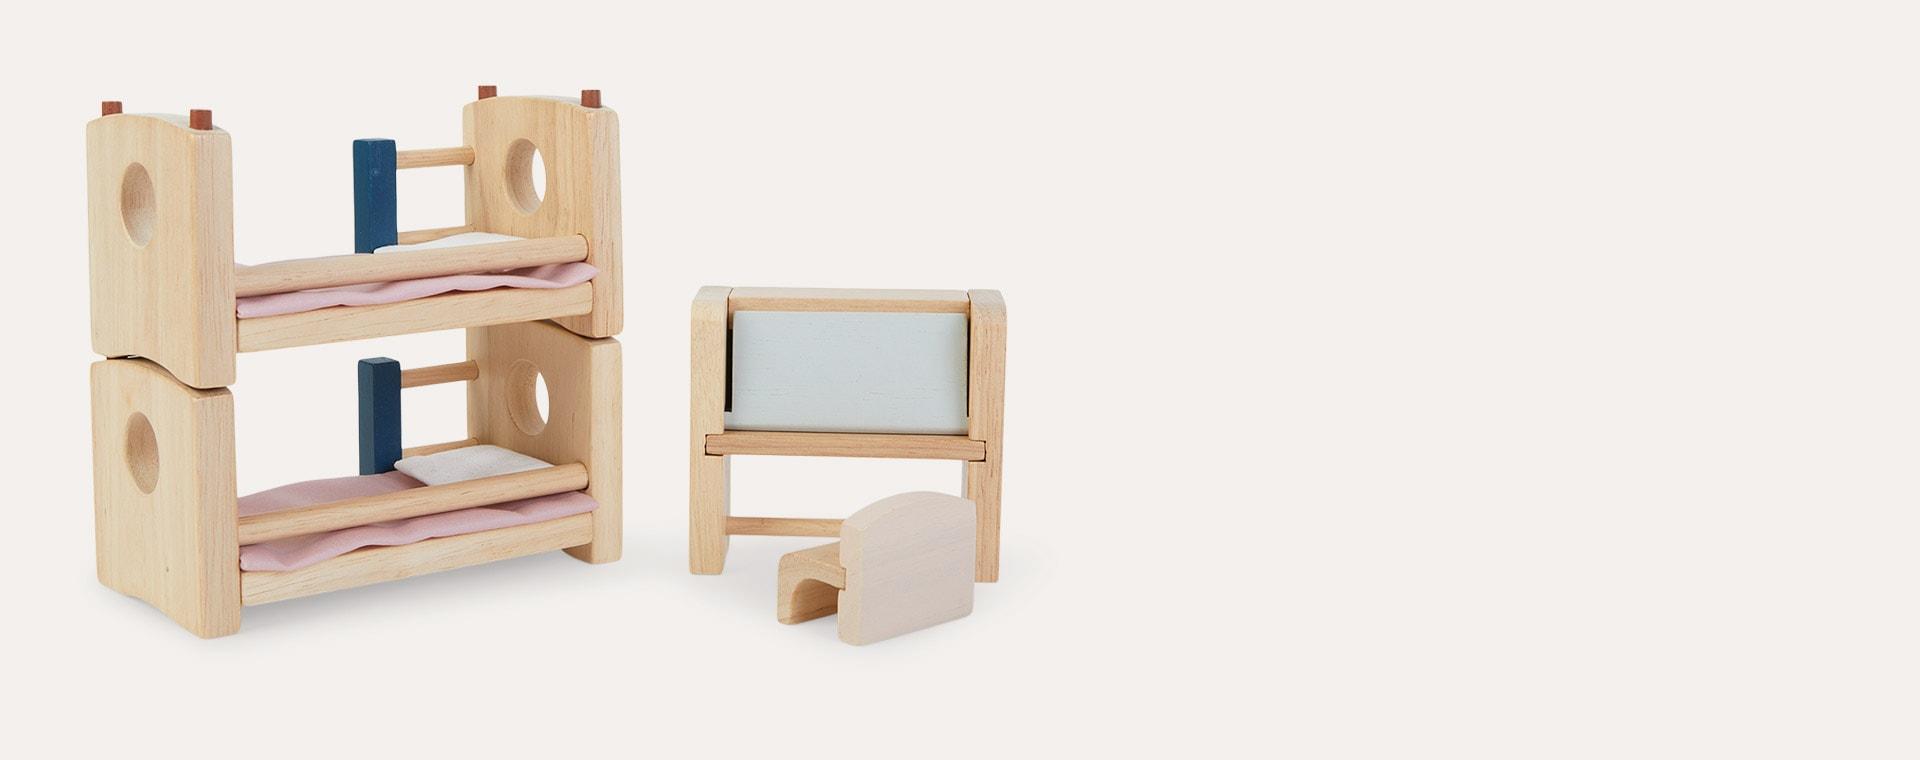 Brown Plan Toys Children's Bedroom Neo